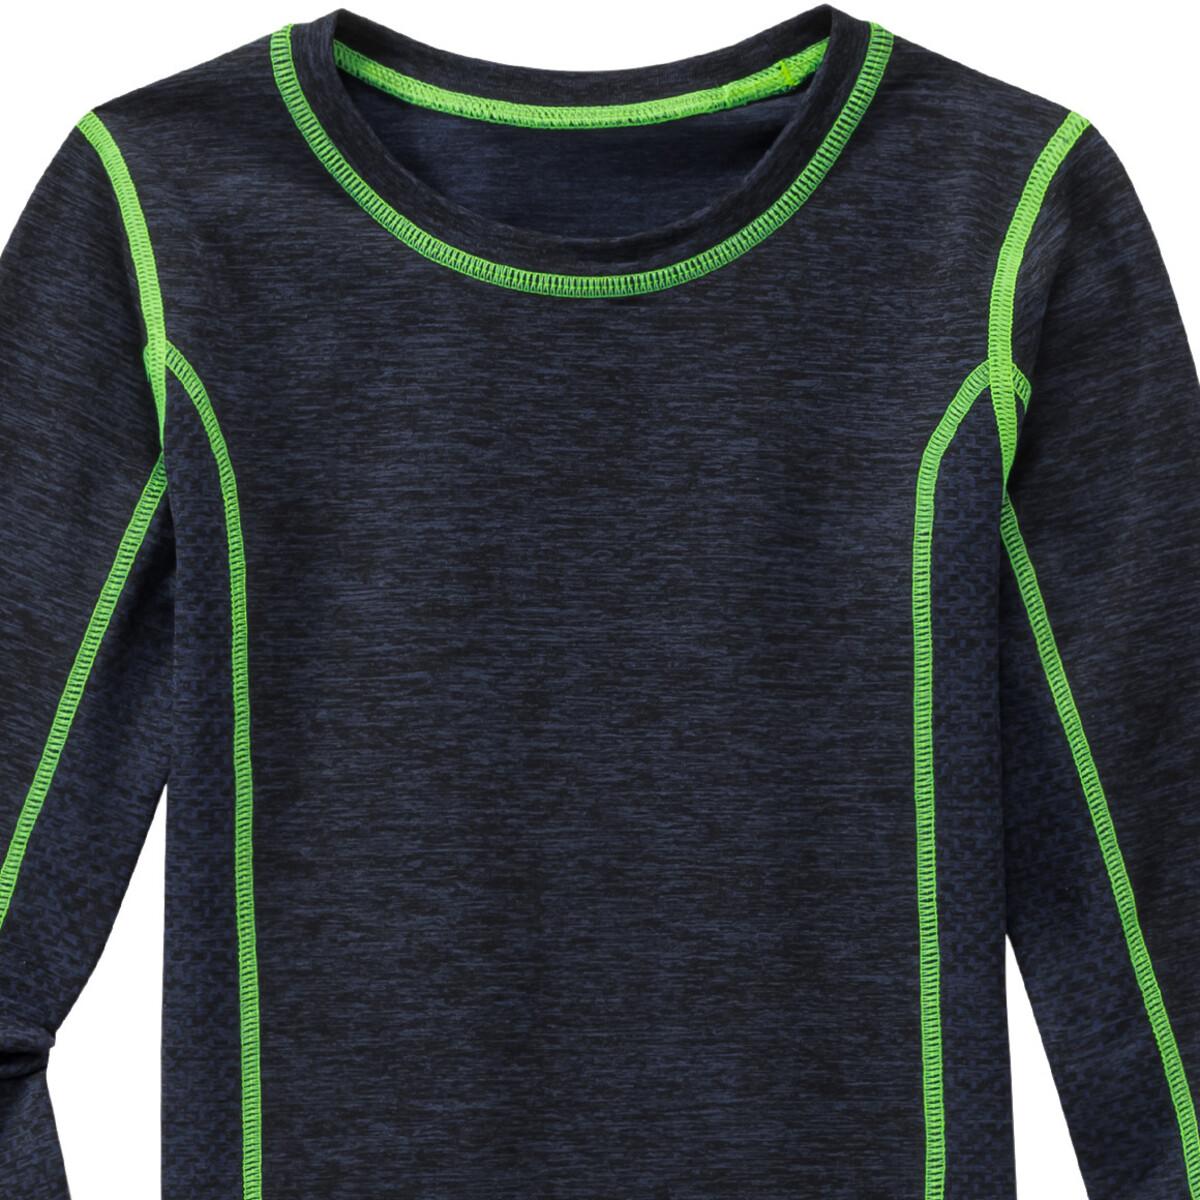 Bild 2 von Jungen Thermoshirt mit Ziernähten